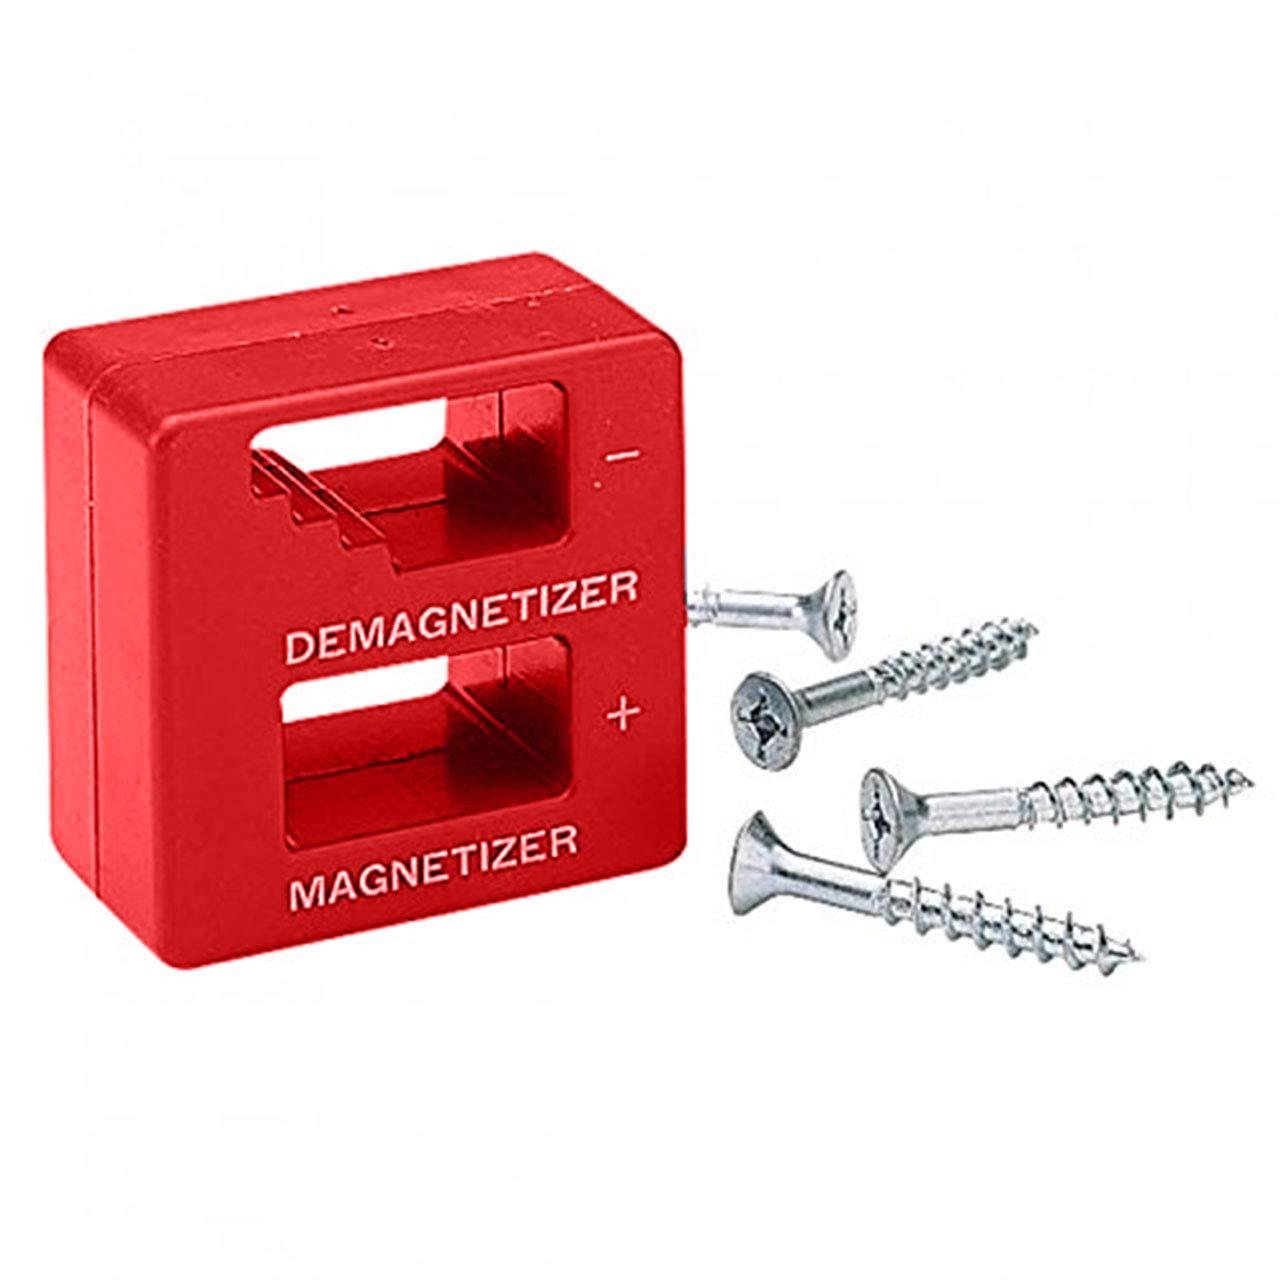 Amazon.com: Katzco - Desmagnetizador de precisión, color ...